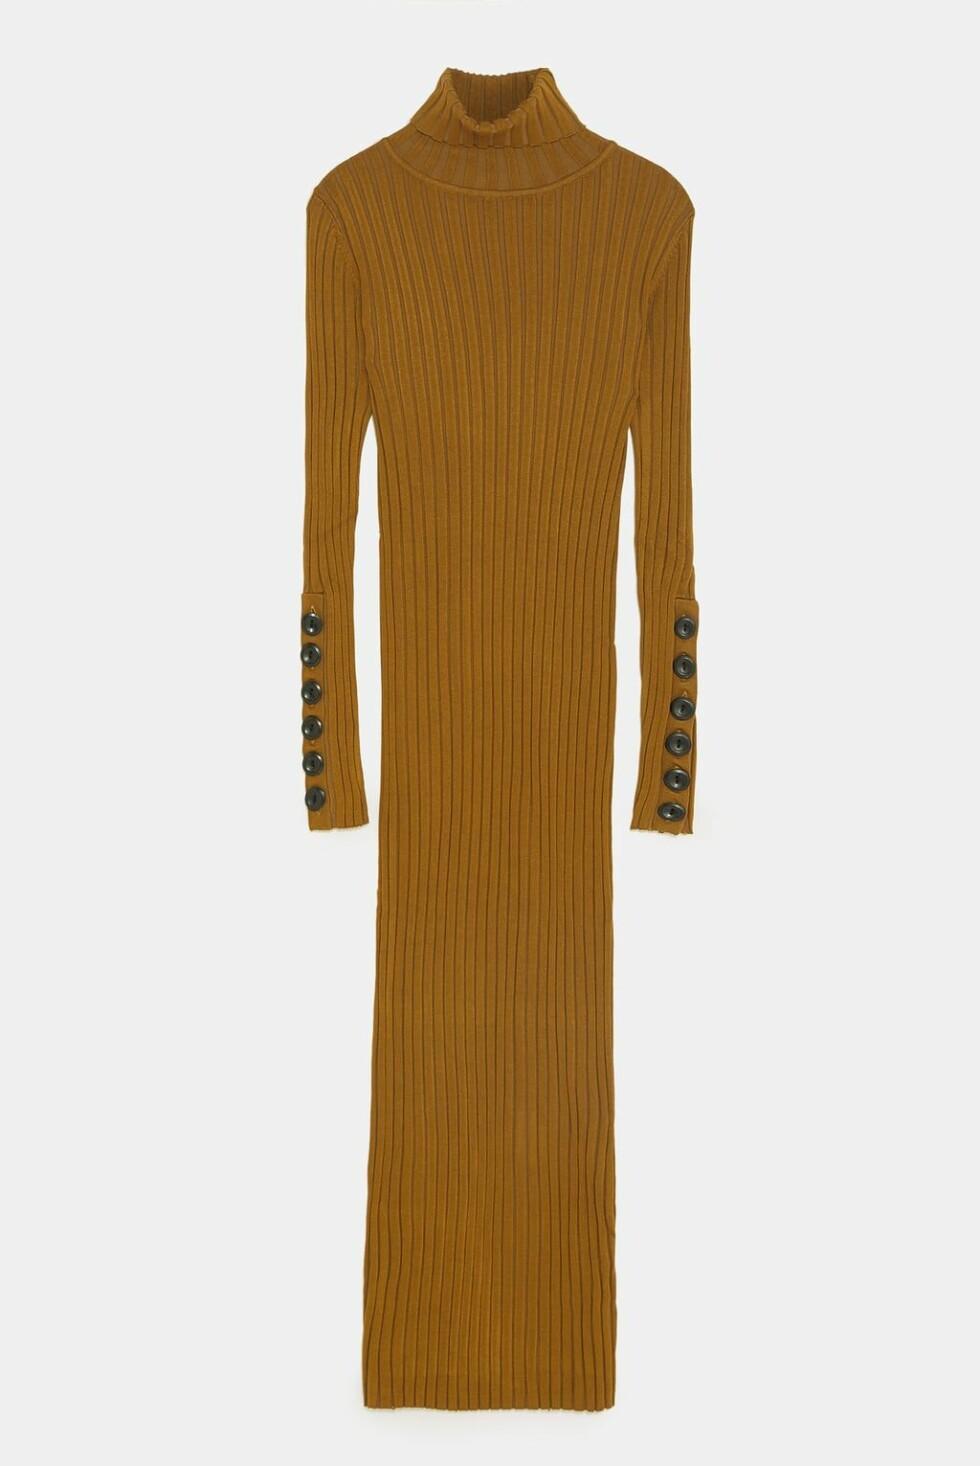 Kjole fra Zara |299,-| https://www.zara.com/no/no/strikkekjole-med-knapper-p03471105.html?v1=7439507&v2=1074660